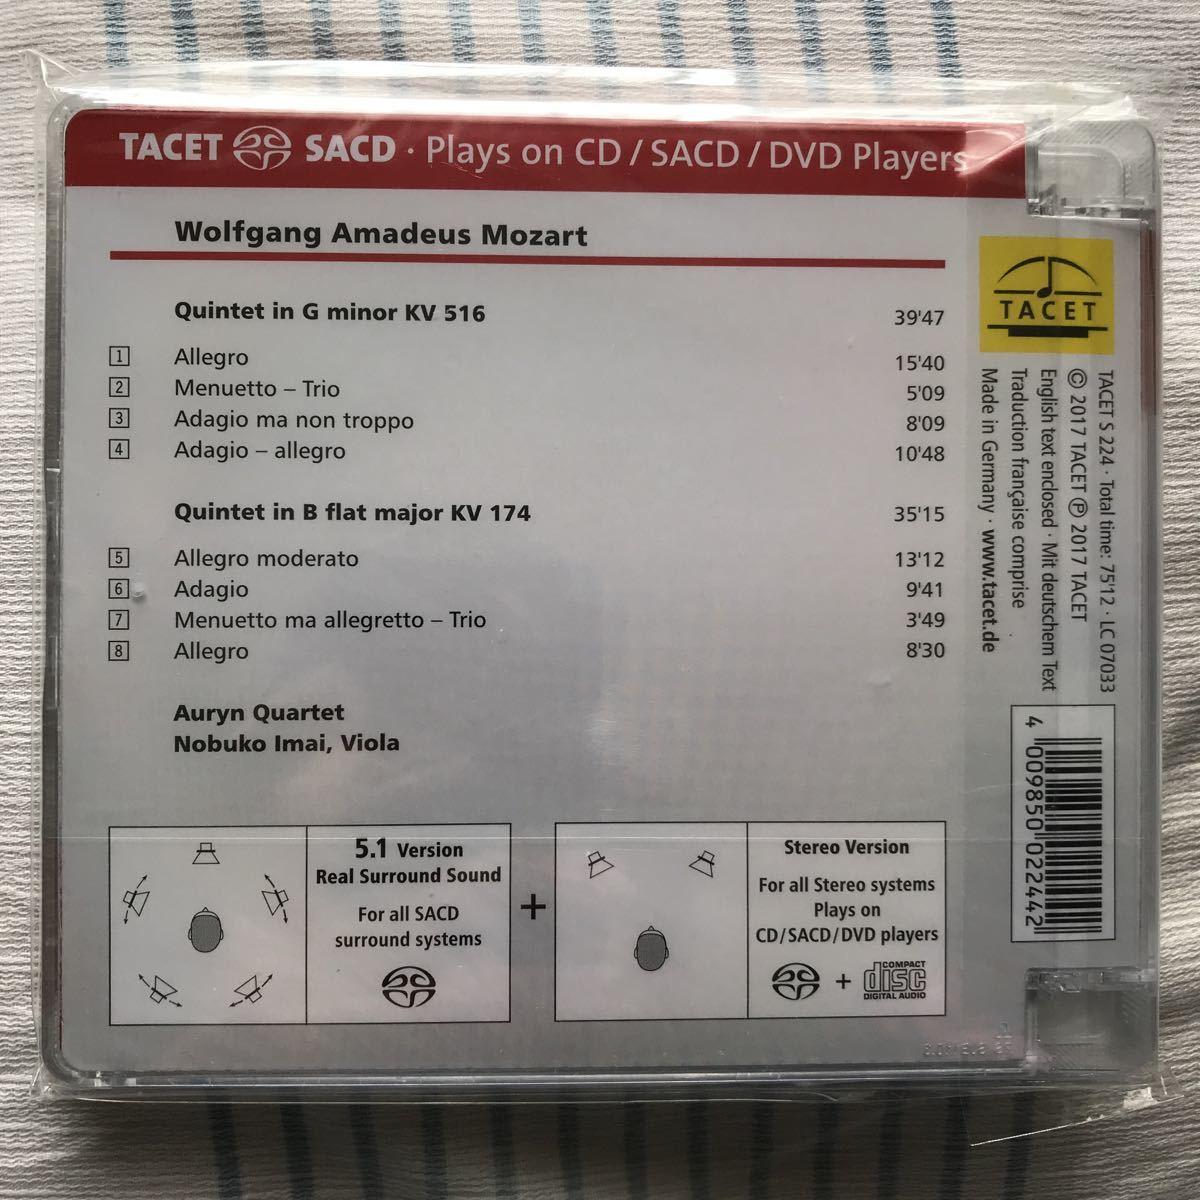 名盤 hybrid SACD モーツァルト 弦楽五重奏曲 第1番 第4番 アウリン四重奏団 今井信子_画像2